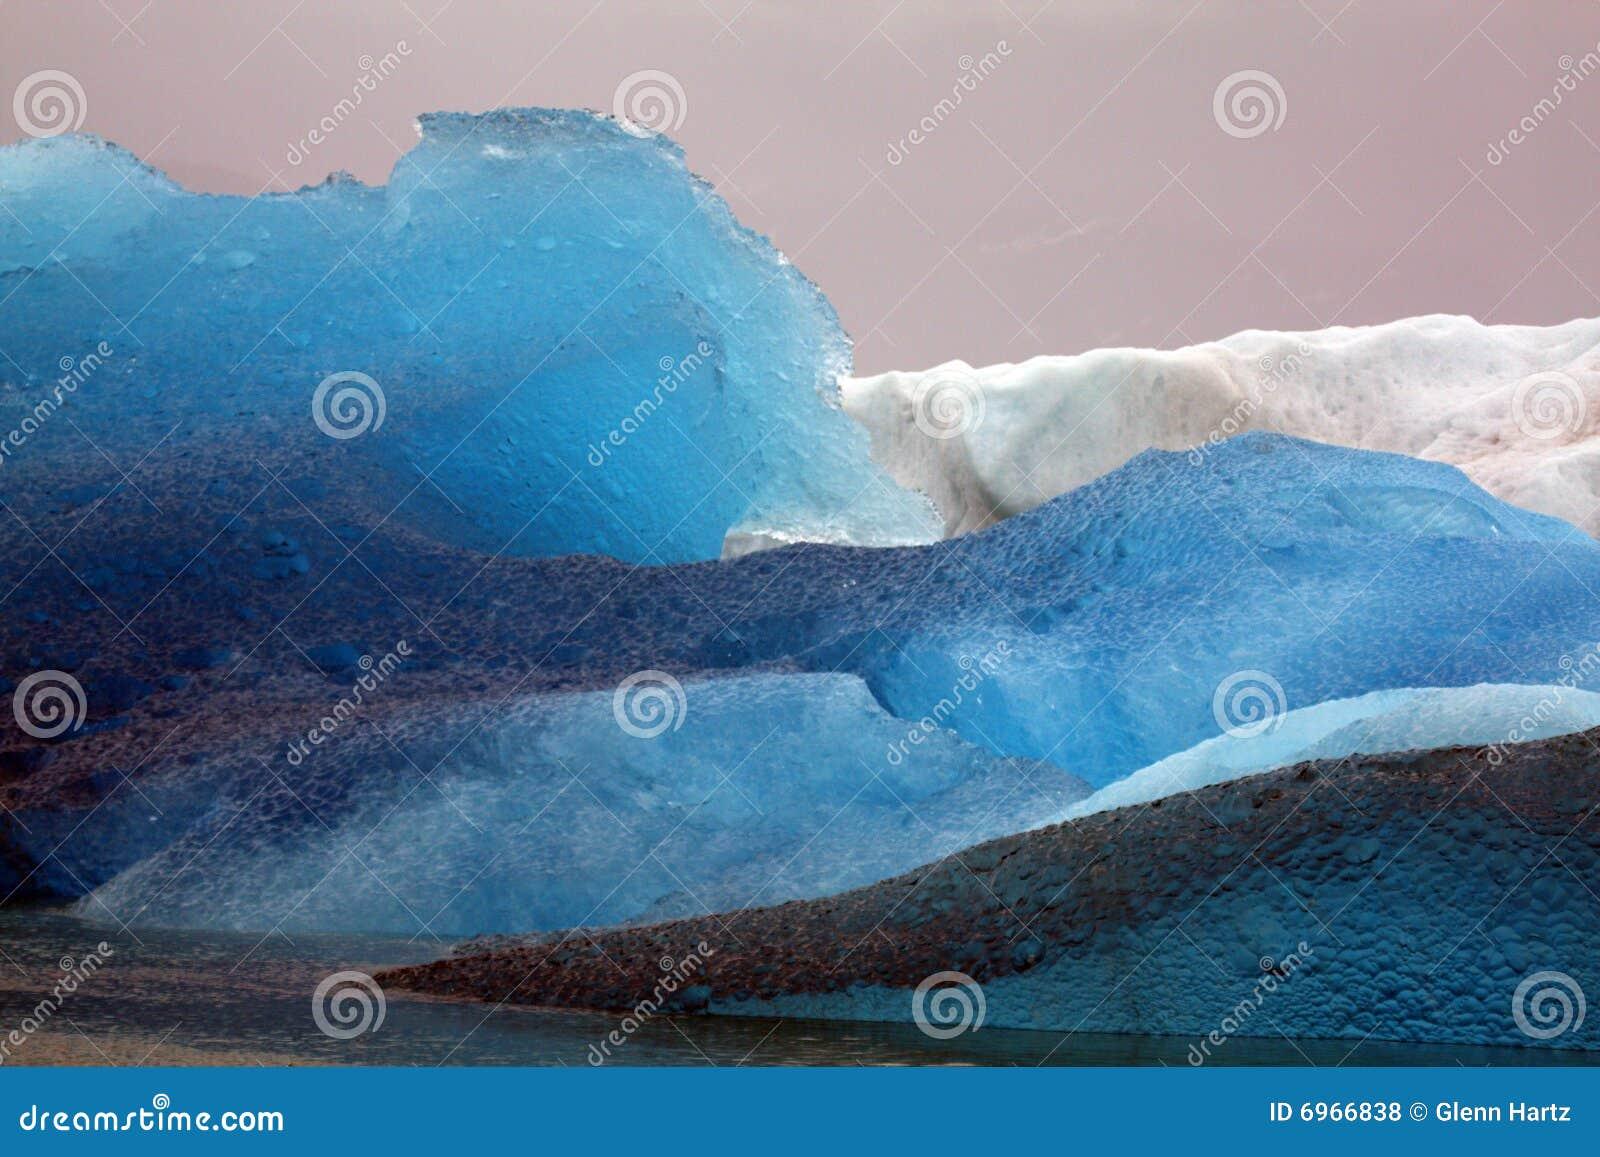 阿拉斯加冰川冰山